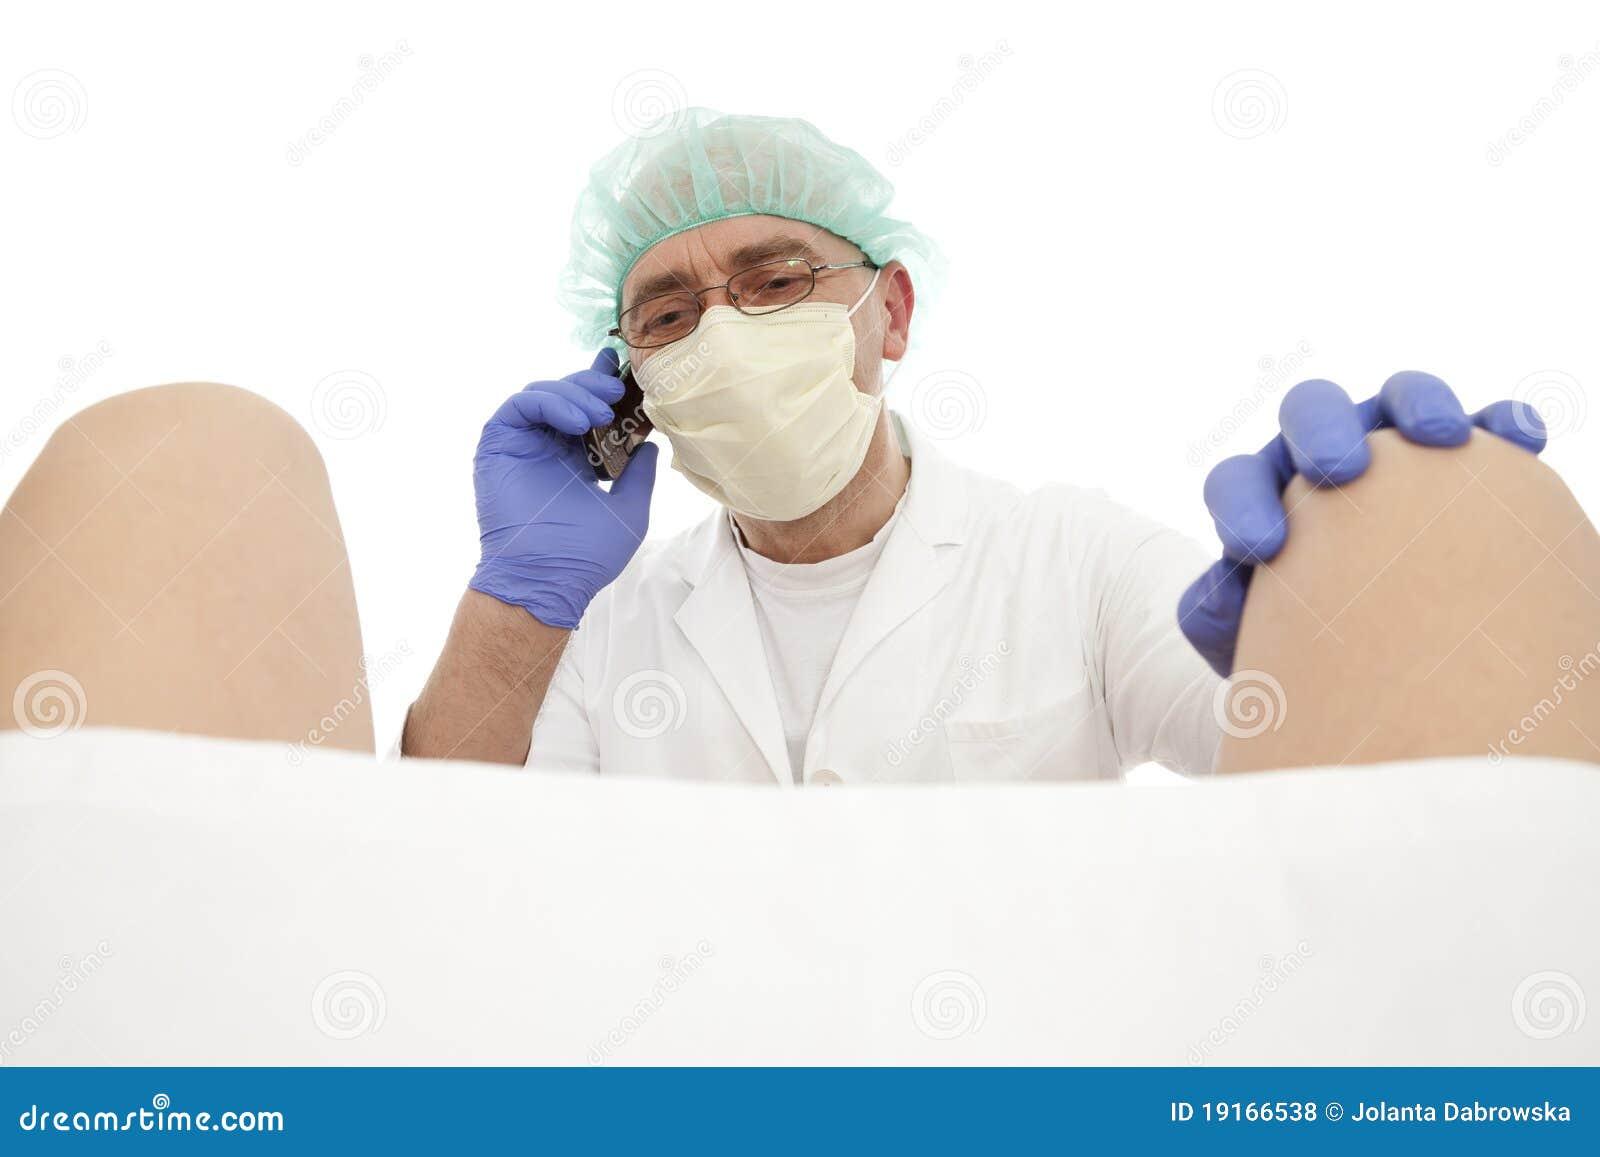 Странный осмотр гинеколога 14 фотография